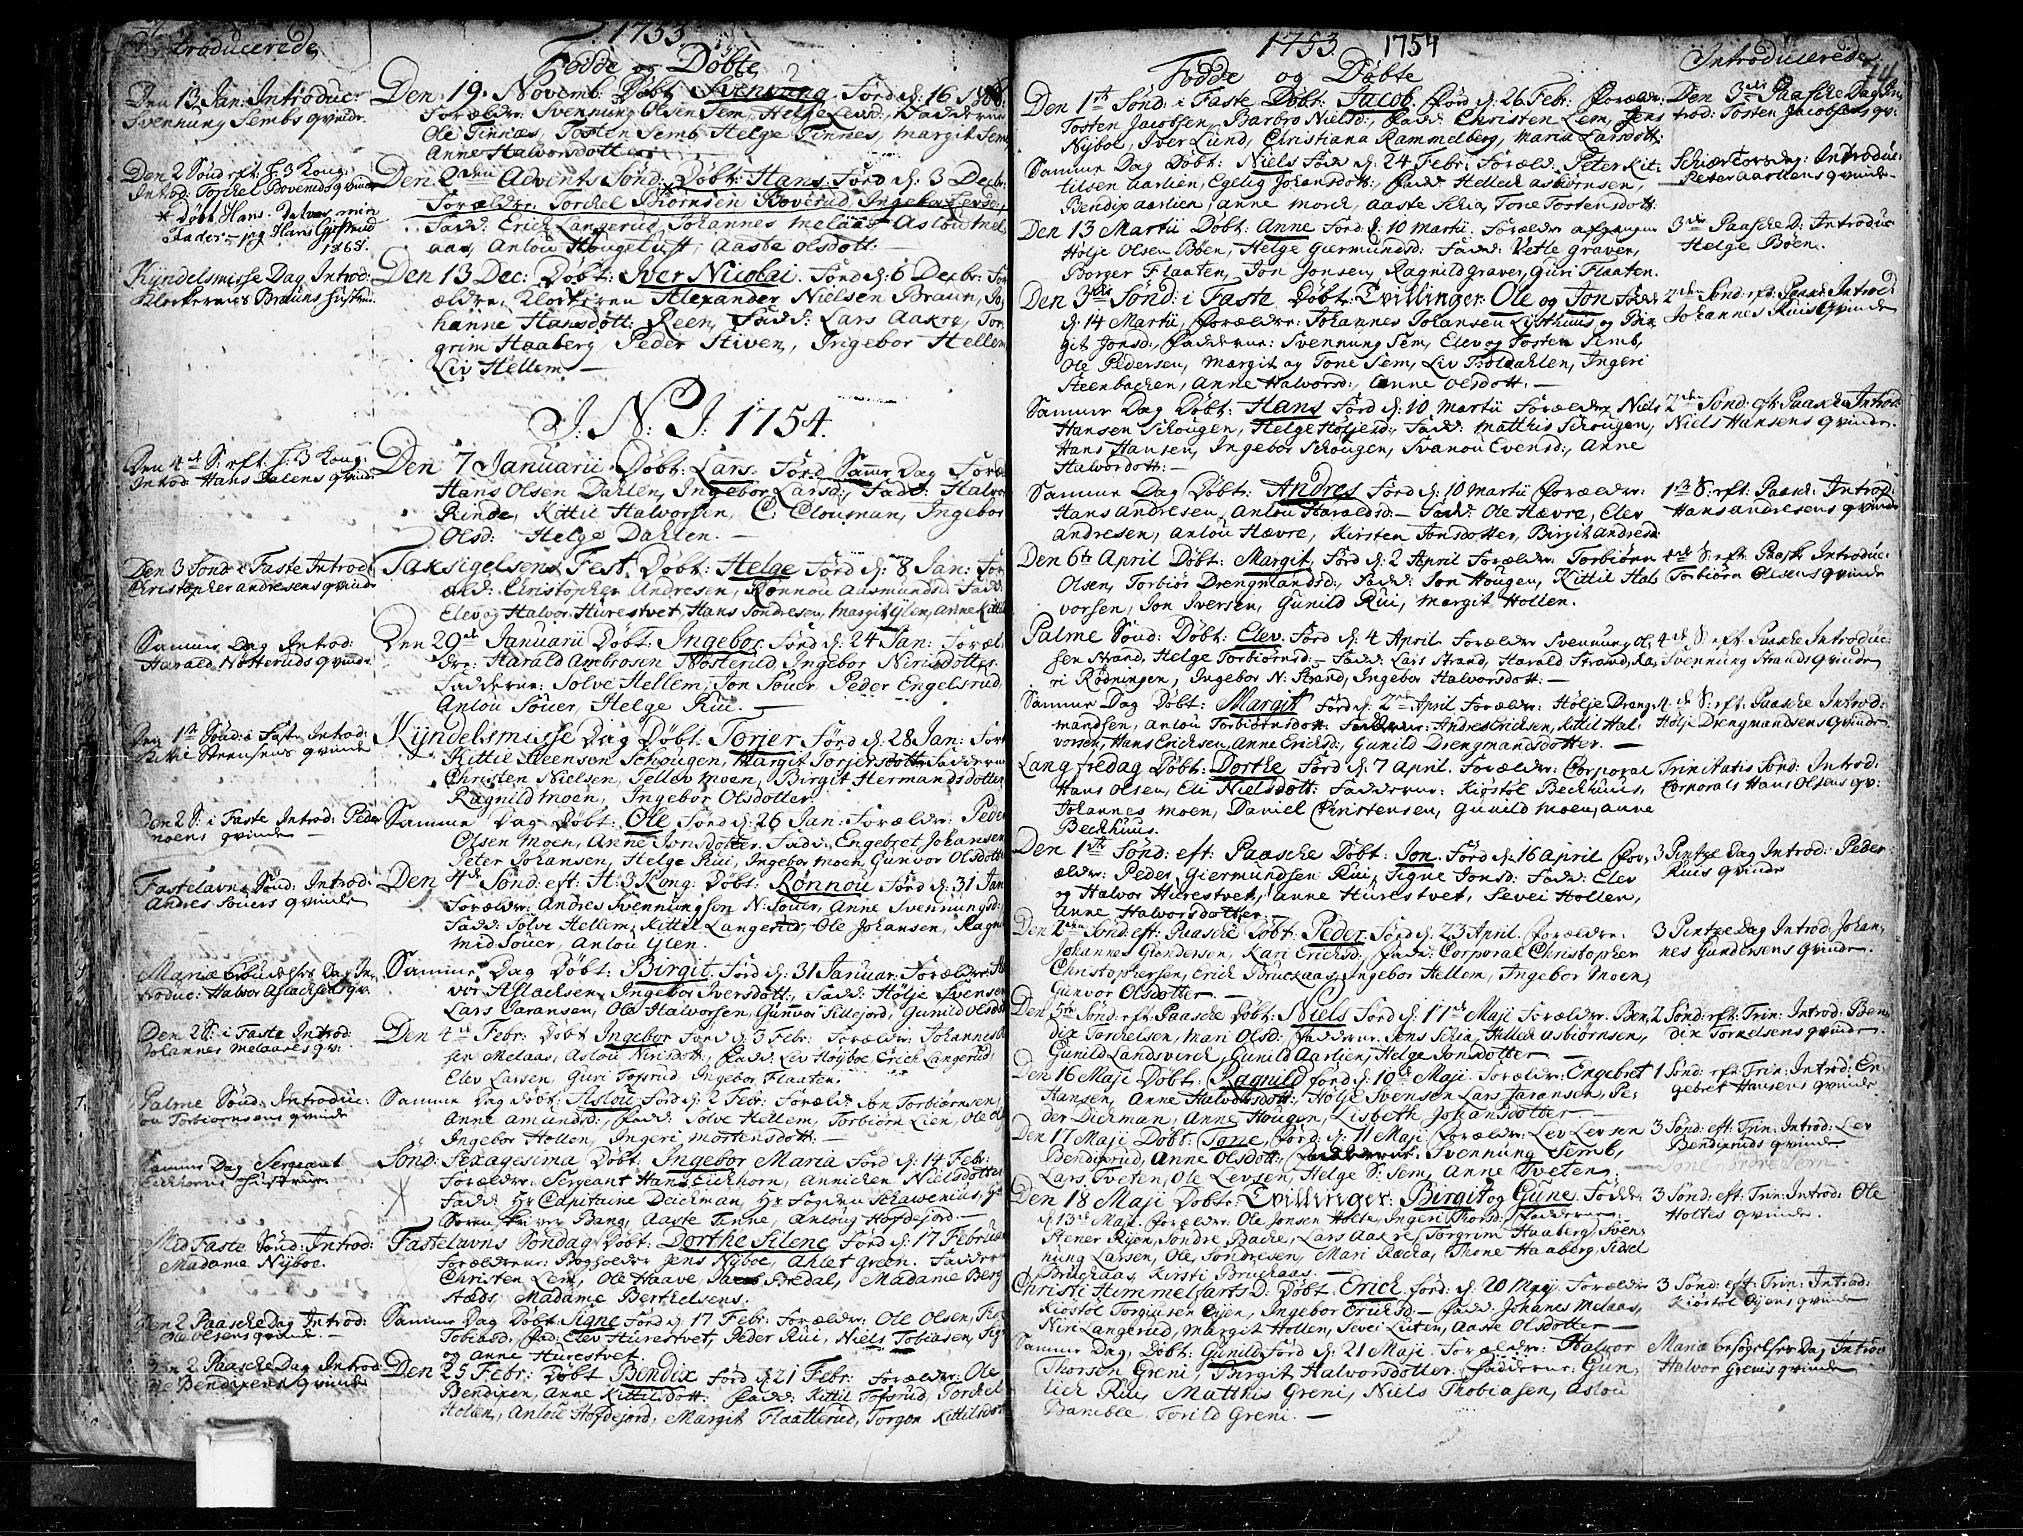 SAKO, Heddal kirkebøker, F/Fa/L0003: Ministerialbok nr. I 3, 1723-1783, s. 74